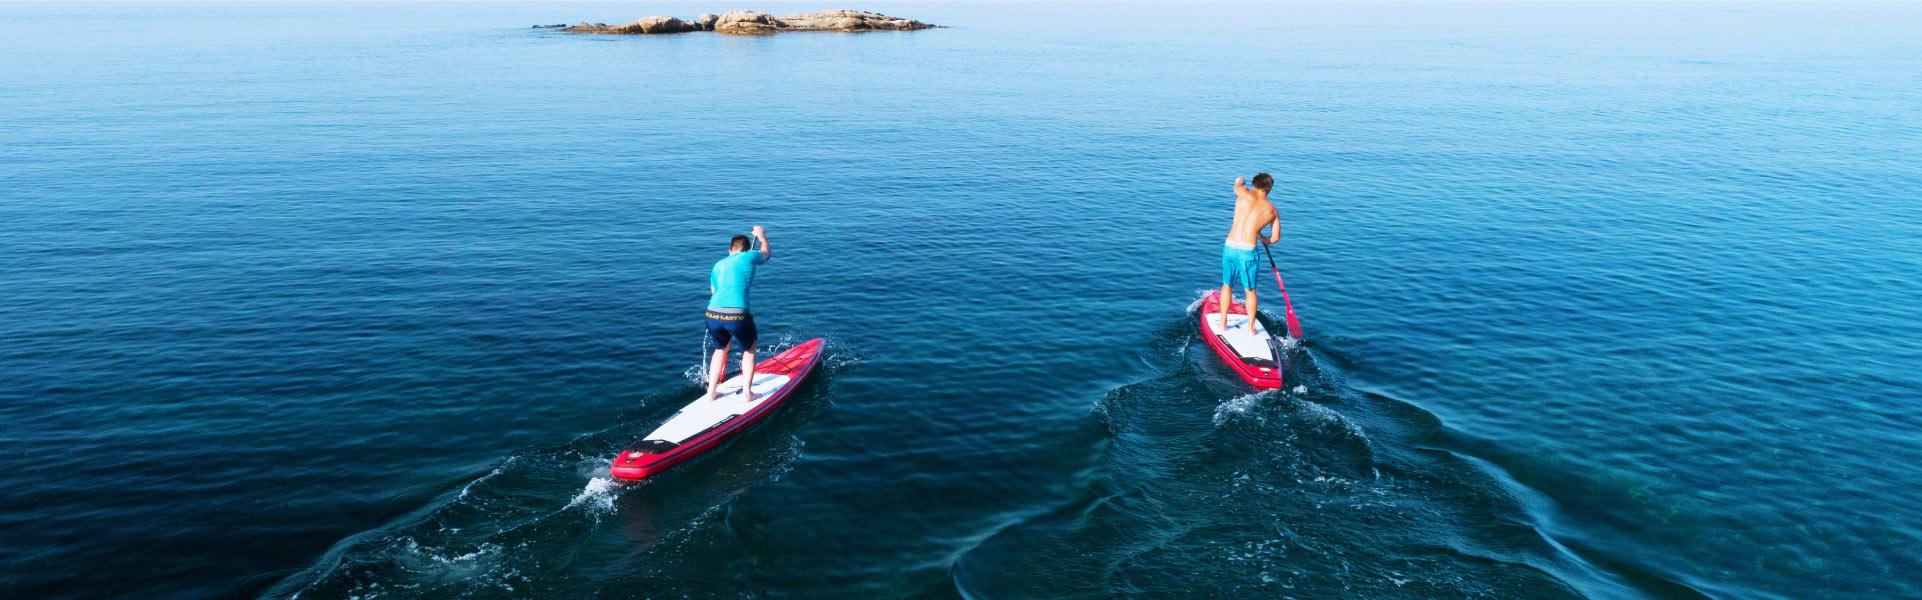 SUP Aqua Marina Race